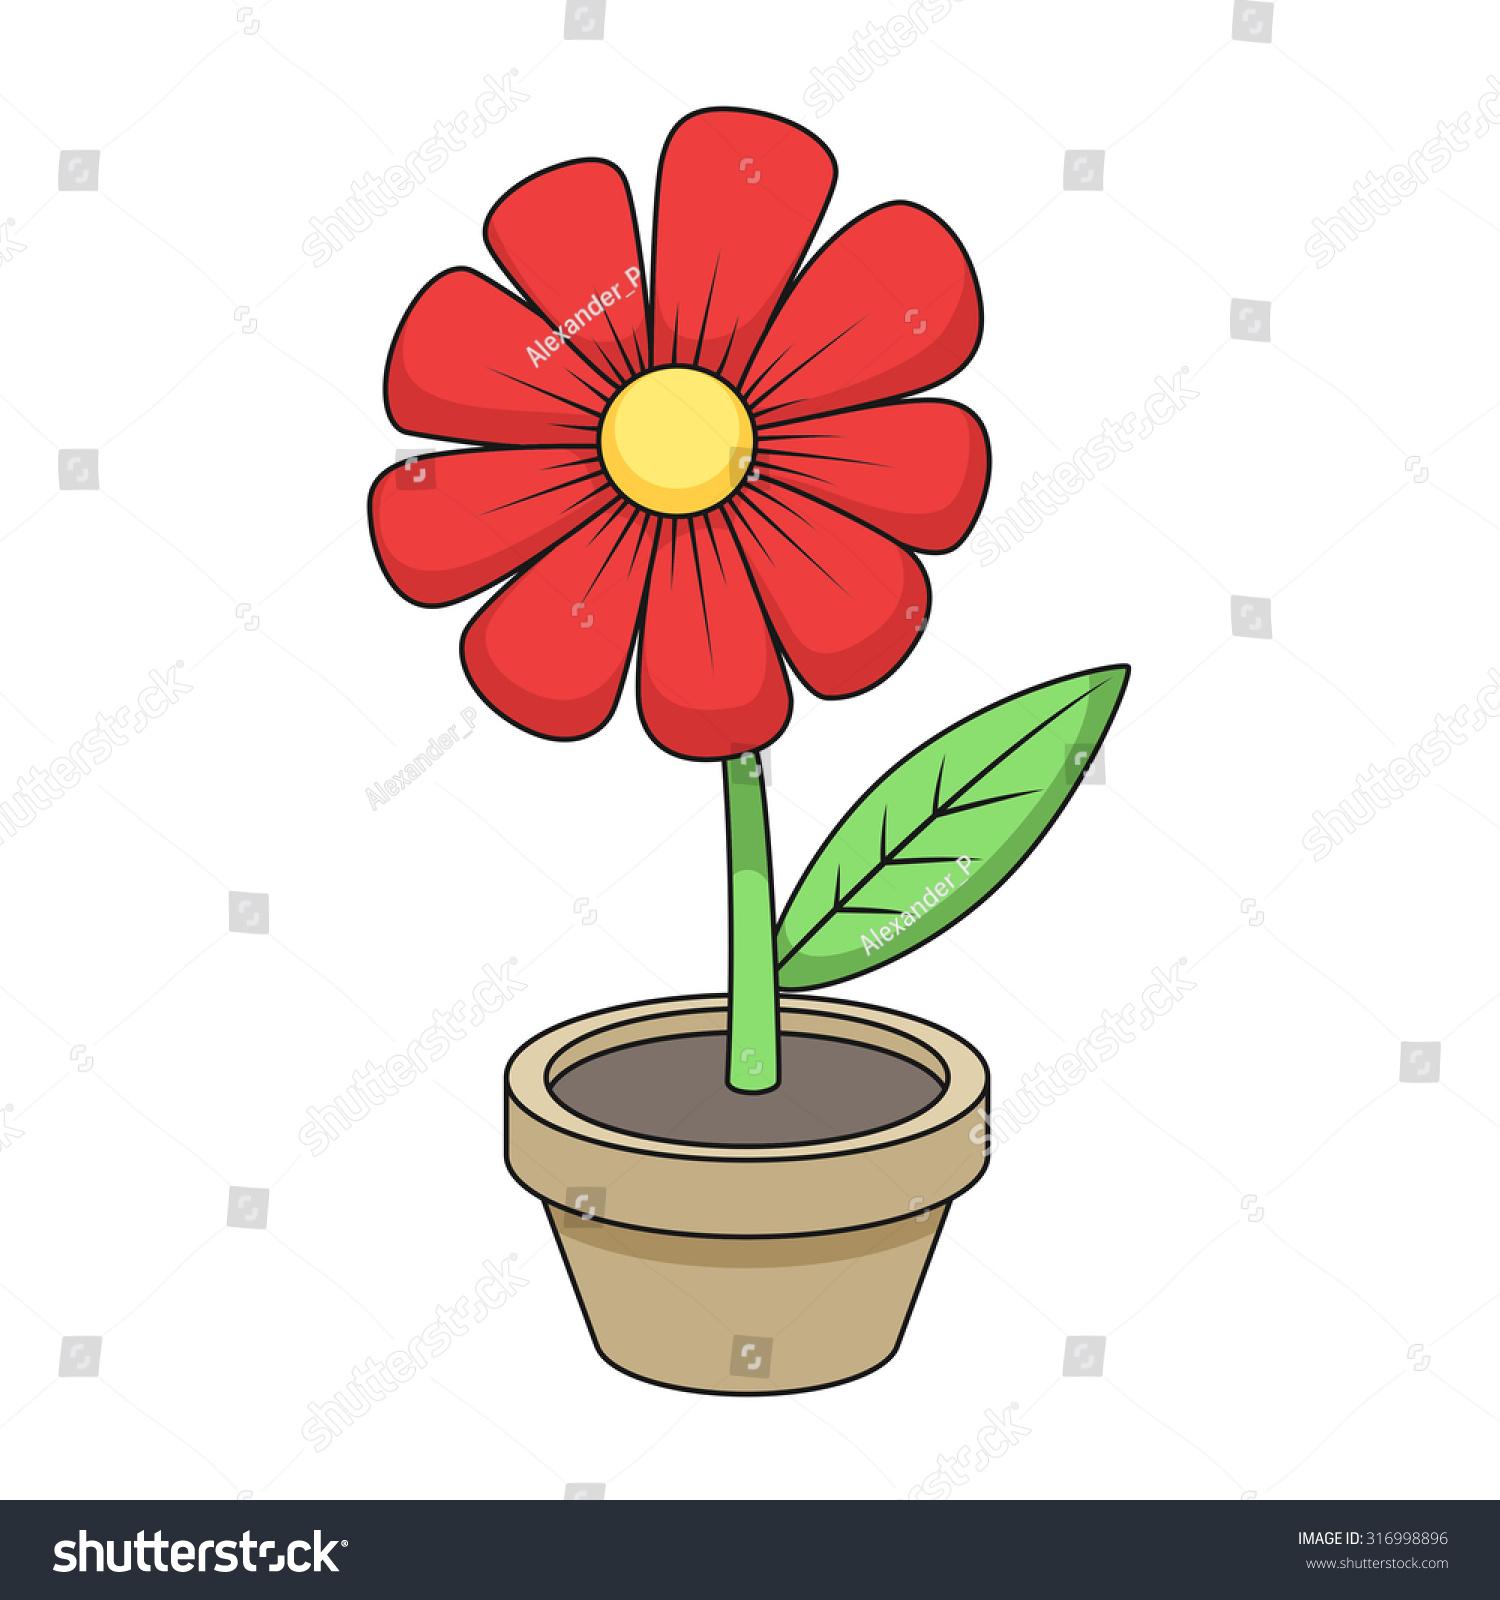 flower cartoon vector illustration stock vector 316998896